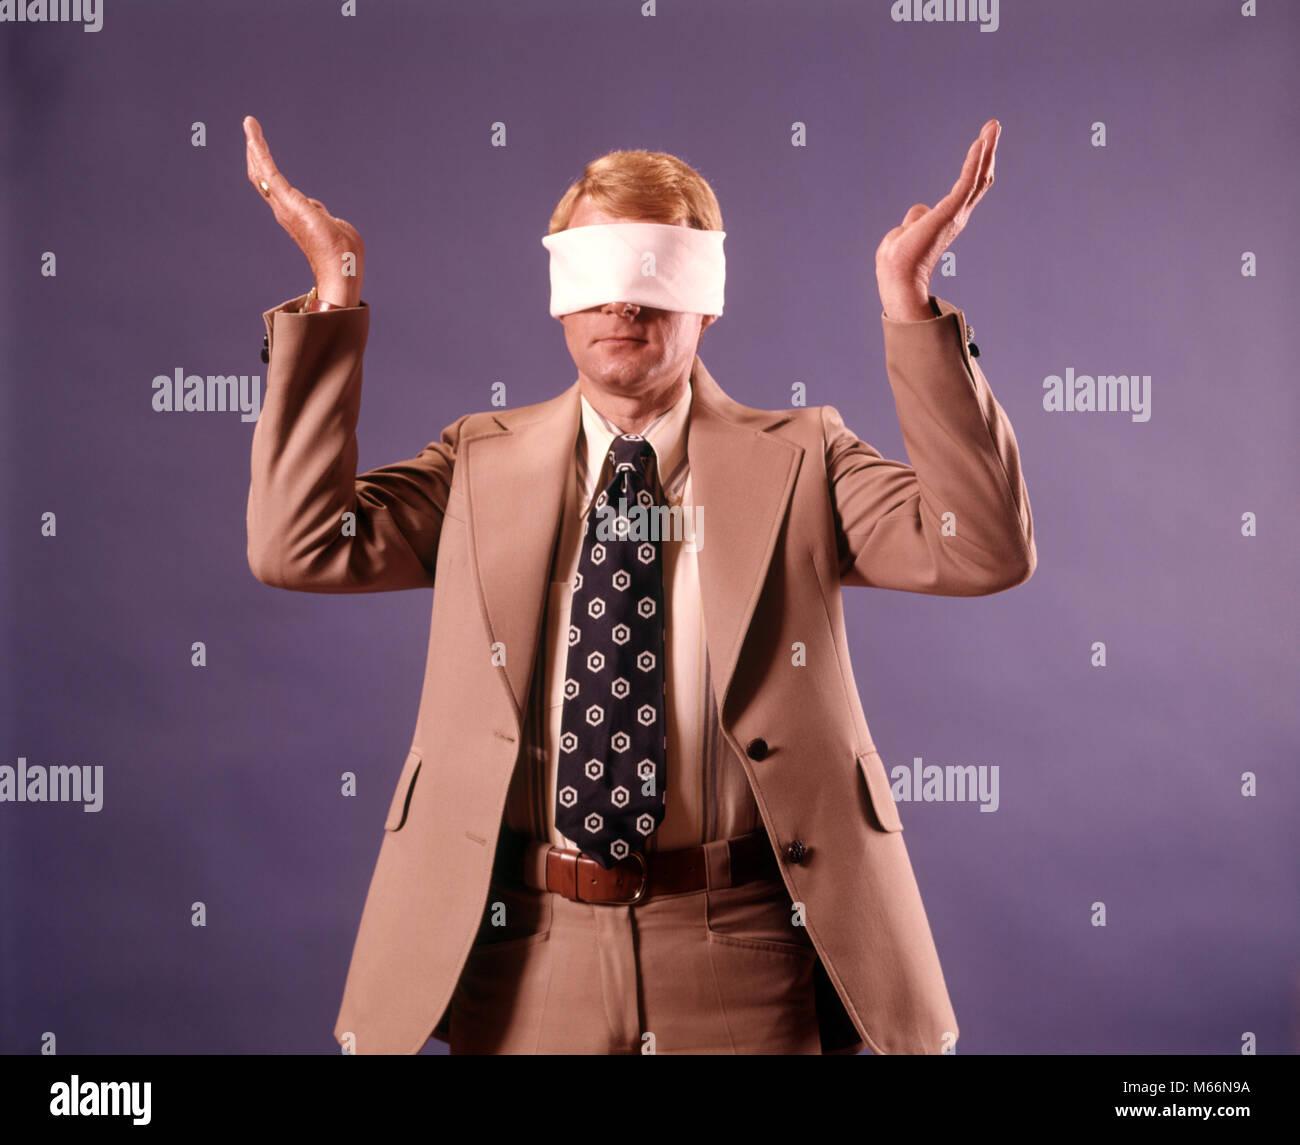 1970 Executive hombre vestido con traje de negocios vistiendo los ojos  vendados sosteniendo ambas manos en b7cc0e9f330